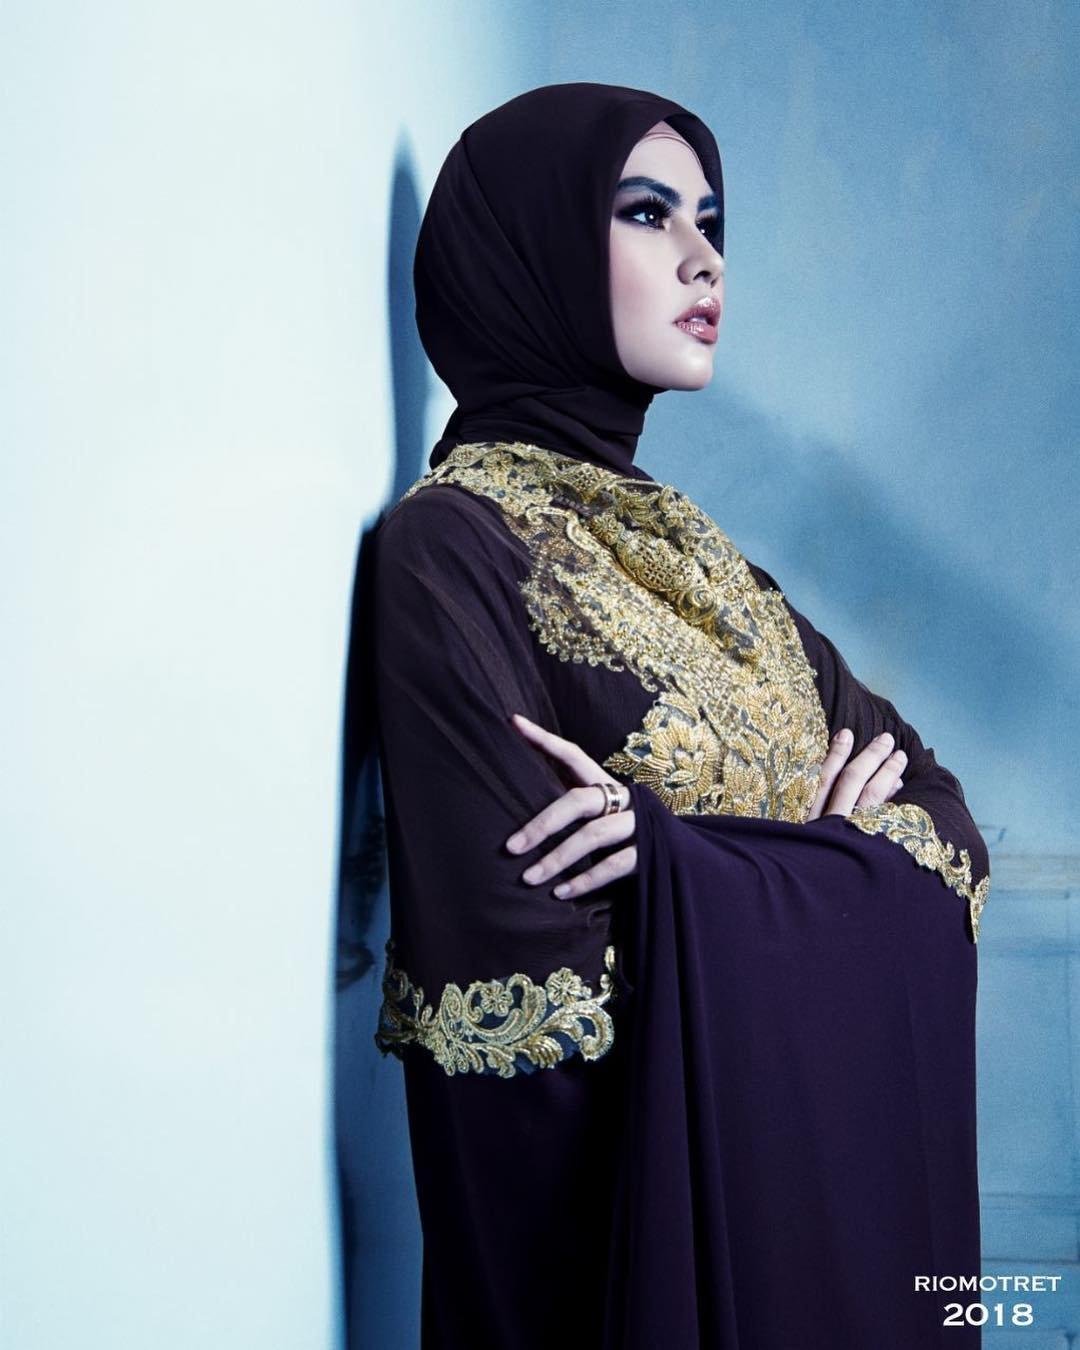 Kisah Dibalik Hijrahnya Kartika Putri  Kini Mantap Mengenakan Jilbab